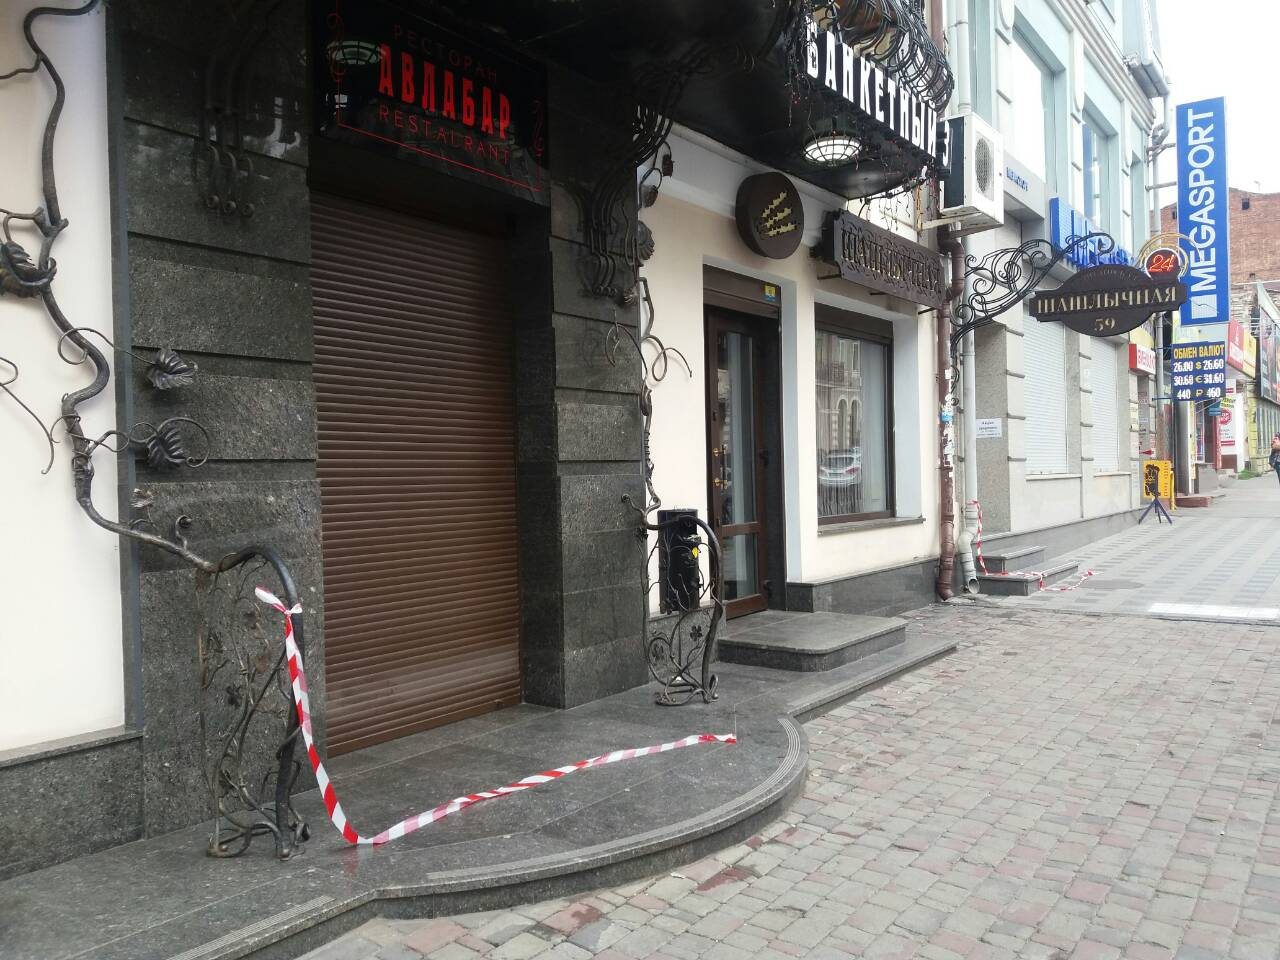 Стрельба в центре Харькова. Несколько человек получили ранения (фото)